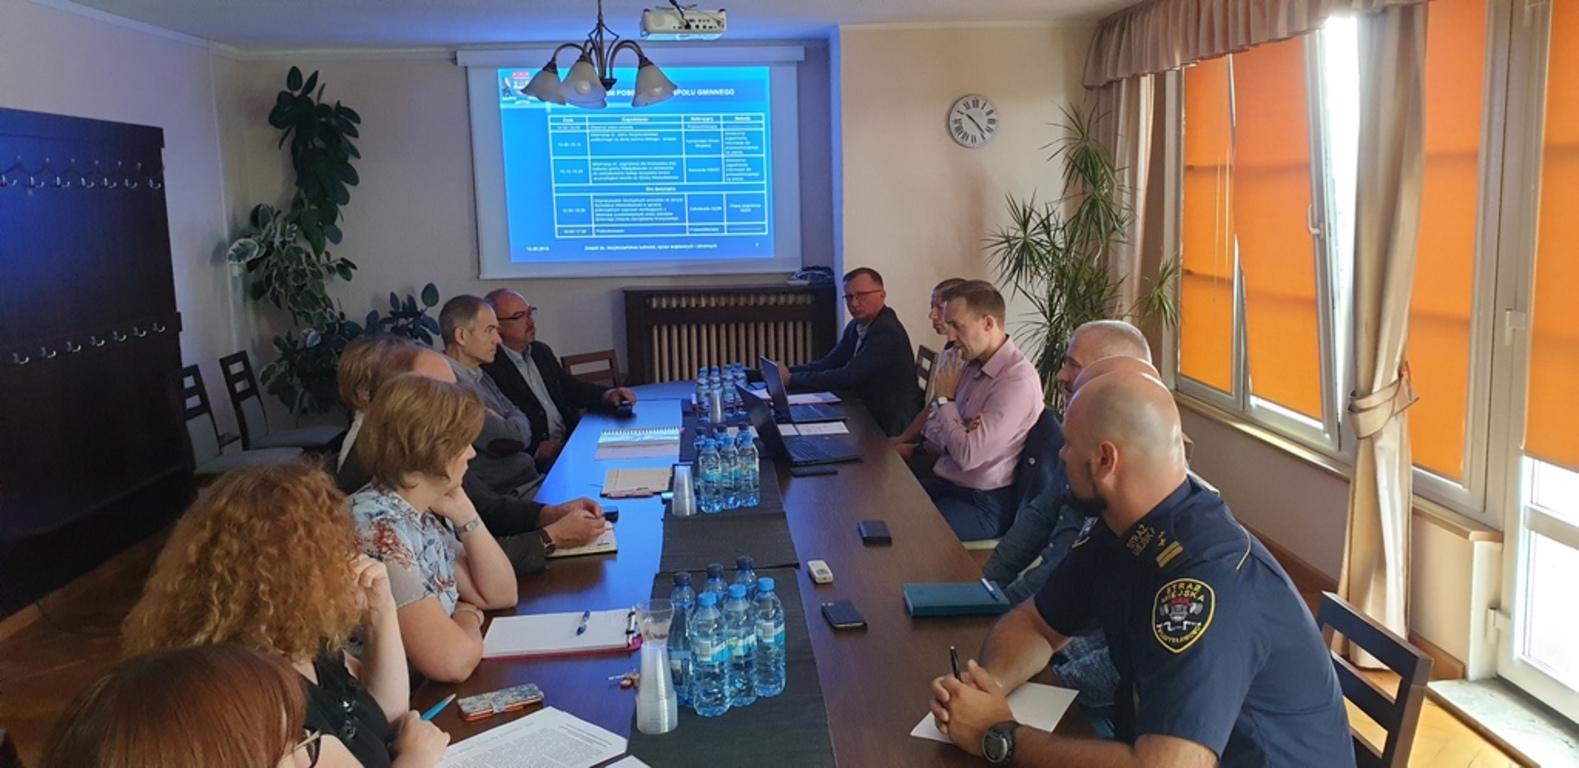 Posiedzenie Gminnego Zespołu Zarządzania Kryzysowego (GZZK) (link otworzy duże zdjęcie)